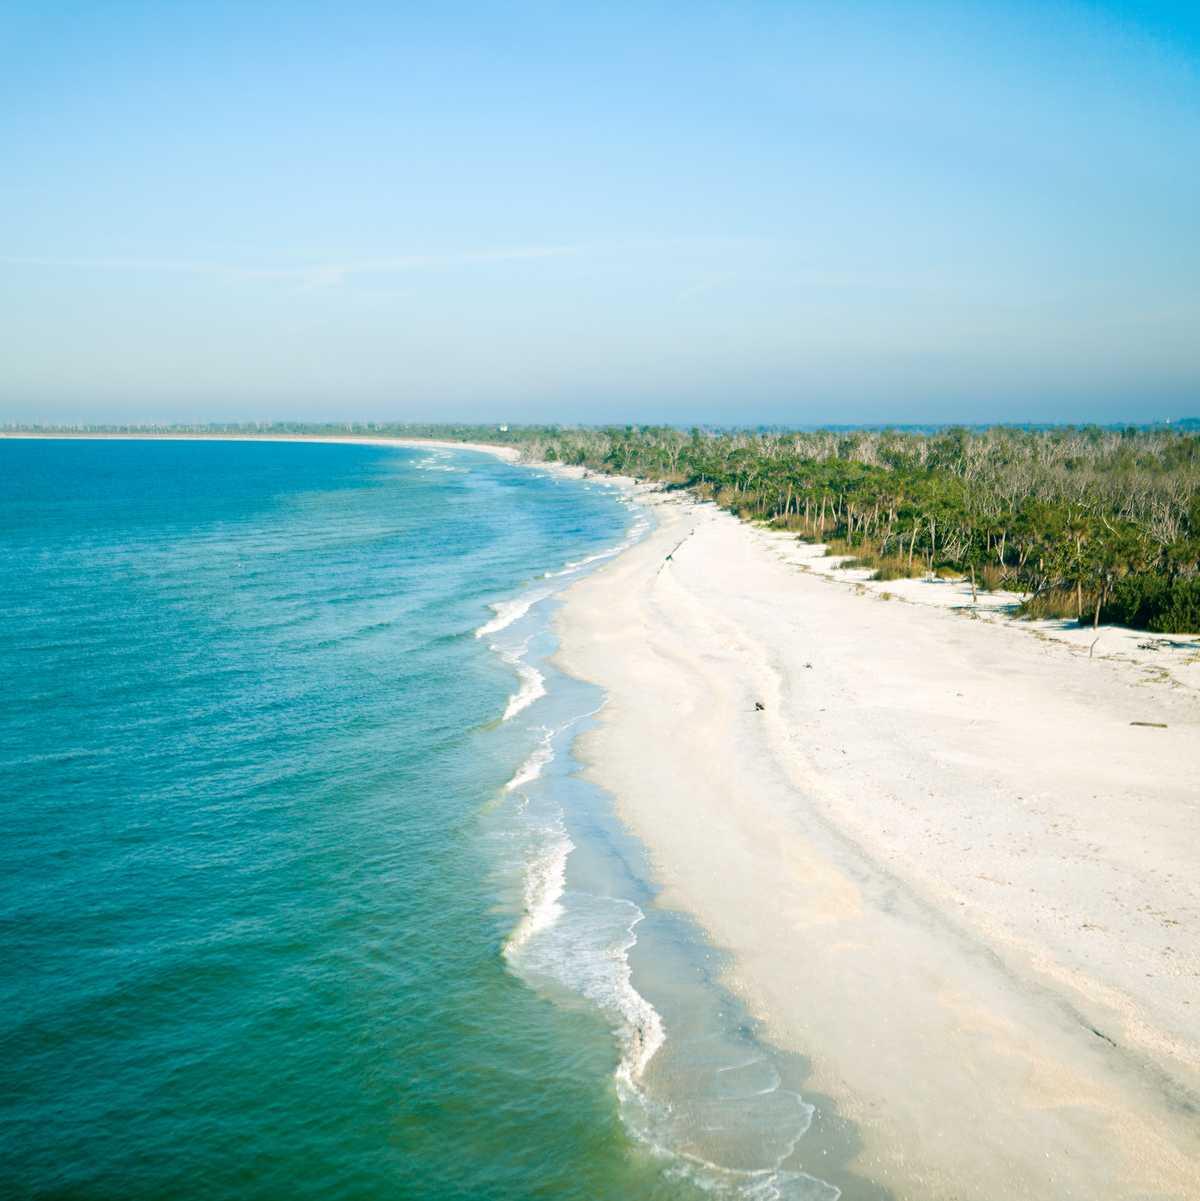 Der Bowman's Beach auf Sanibel Island in Florida